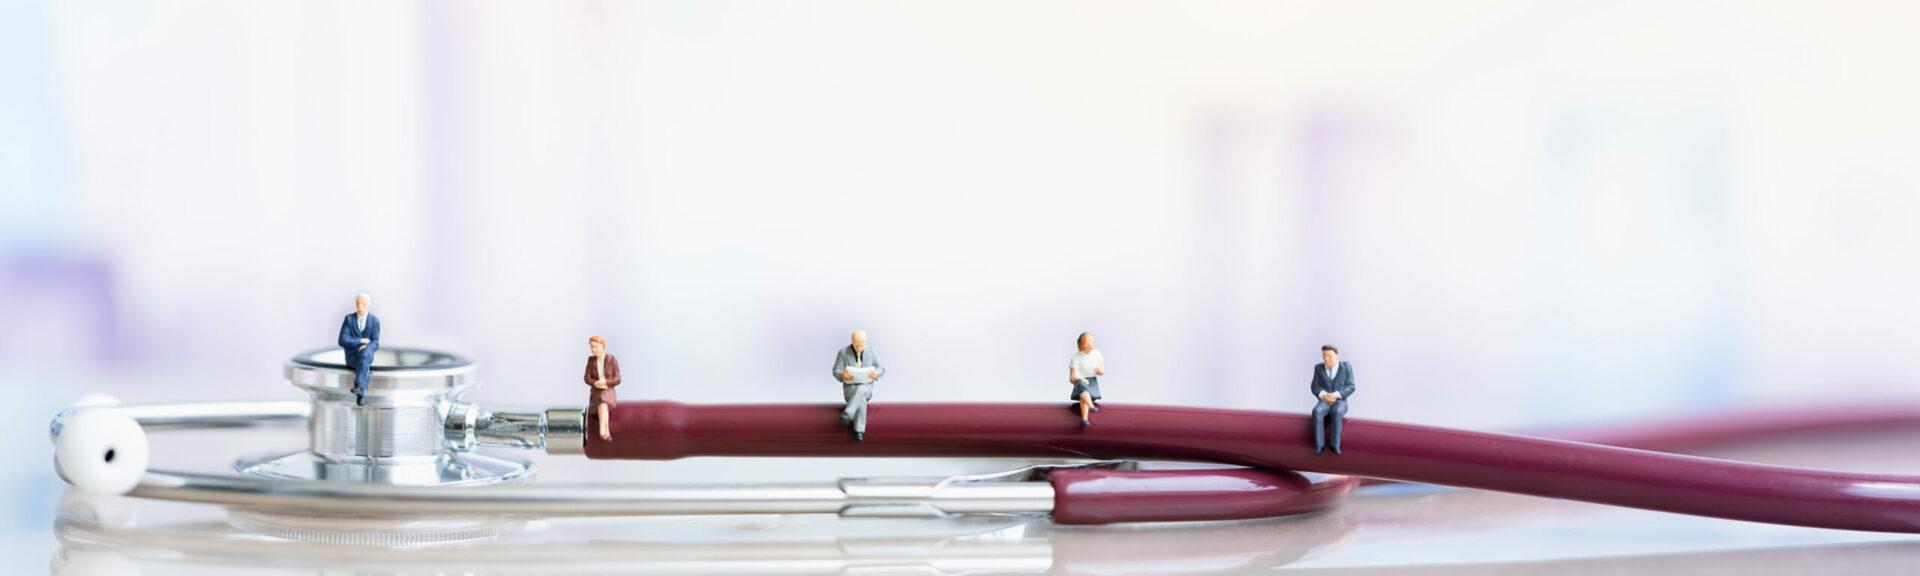 Stethoskop auf einem Tisch